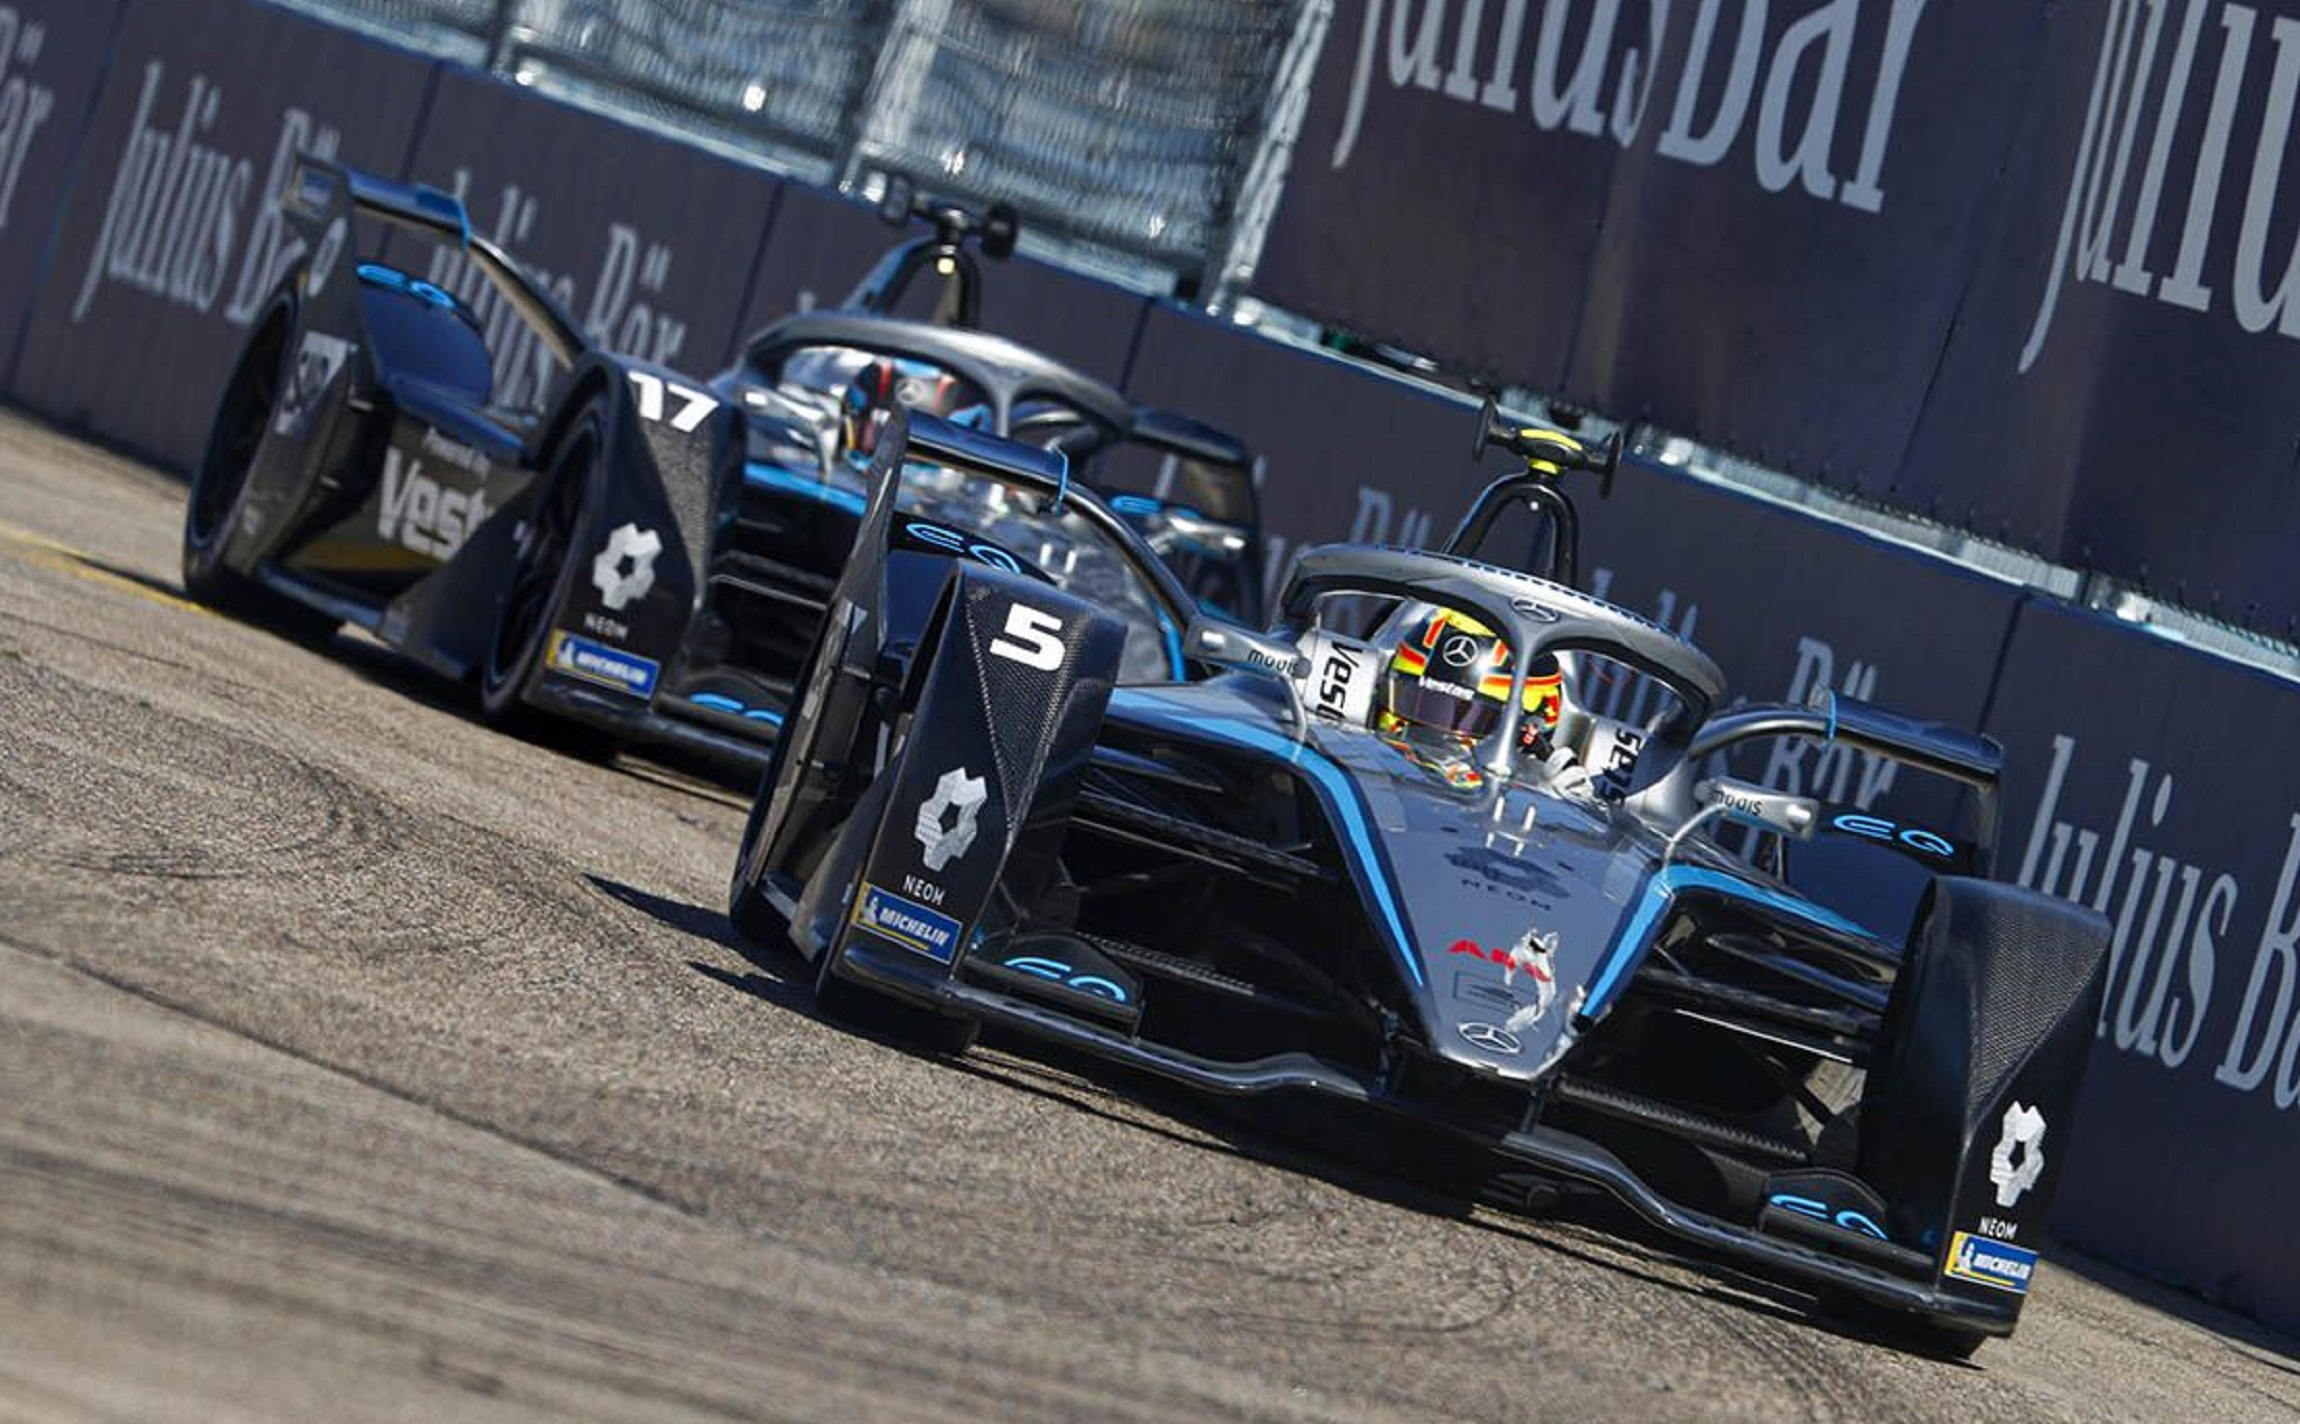 Mercedes Putuskan Hengkang Dari Formula E Agar Bisa Fokus di Formula 1